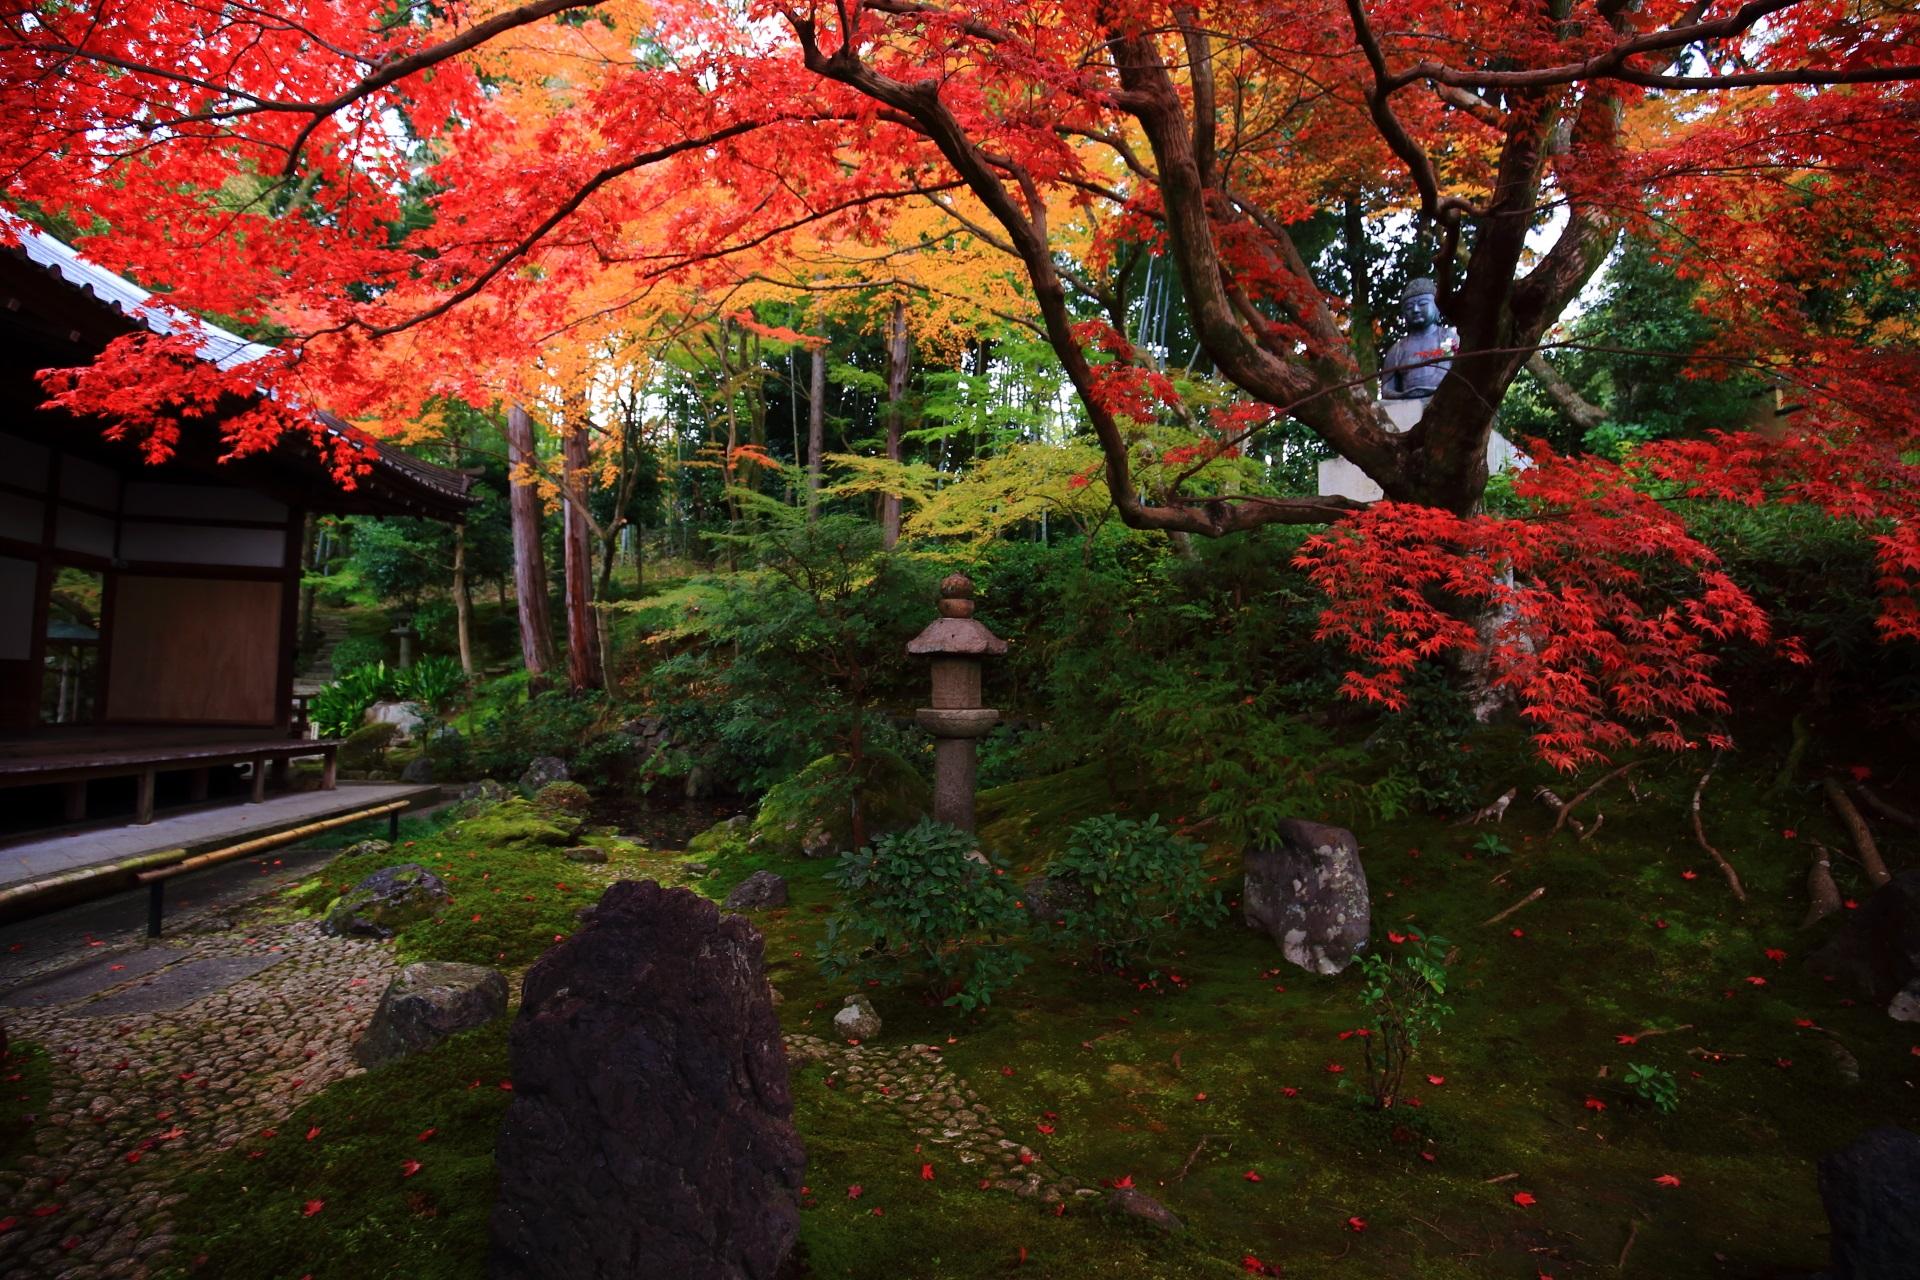 密度が濃く様々な見方のできる彩りの庭園